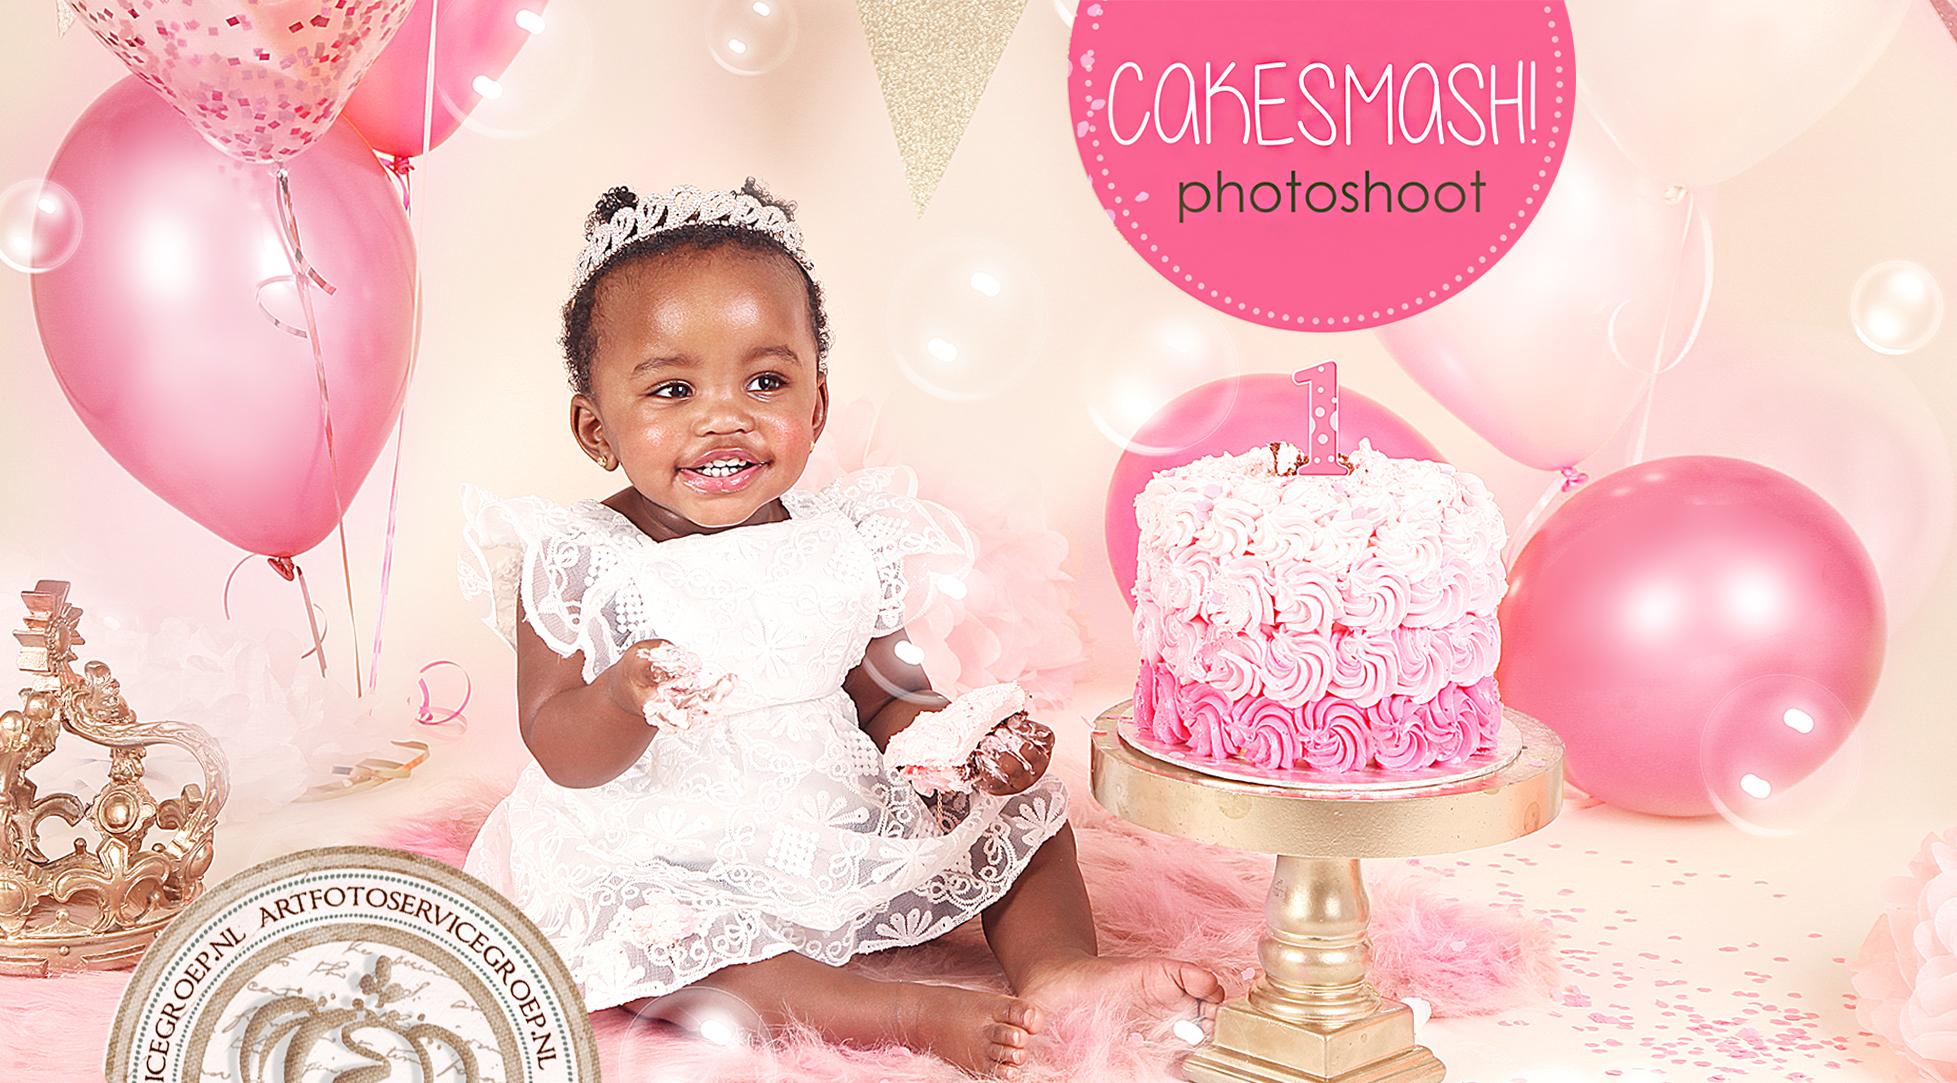 Wonderlijk Cake Smash Photoshoot | Sprookjes geboortekaartjes met foto RZ-31